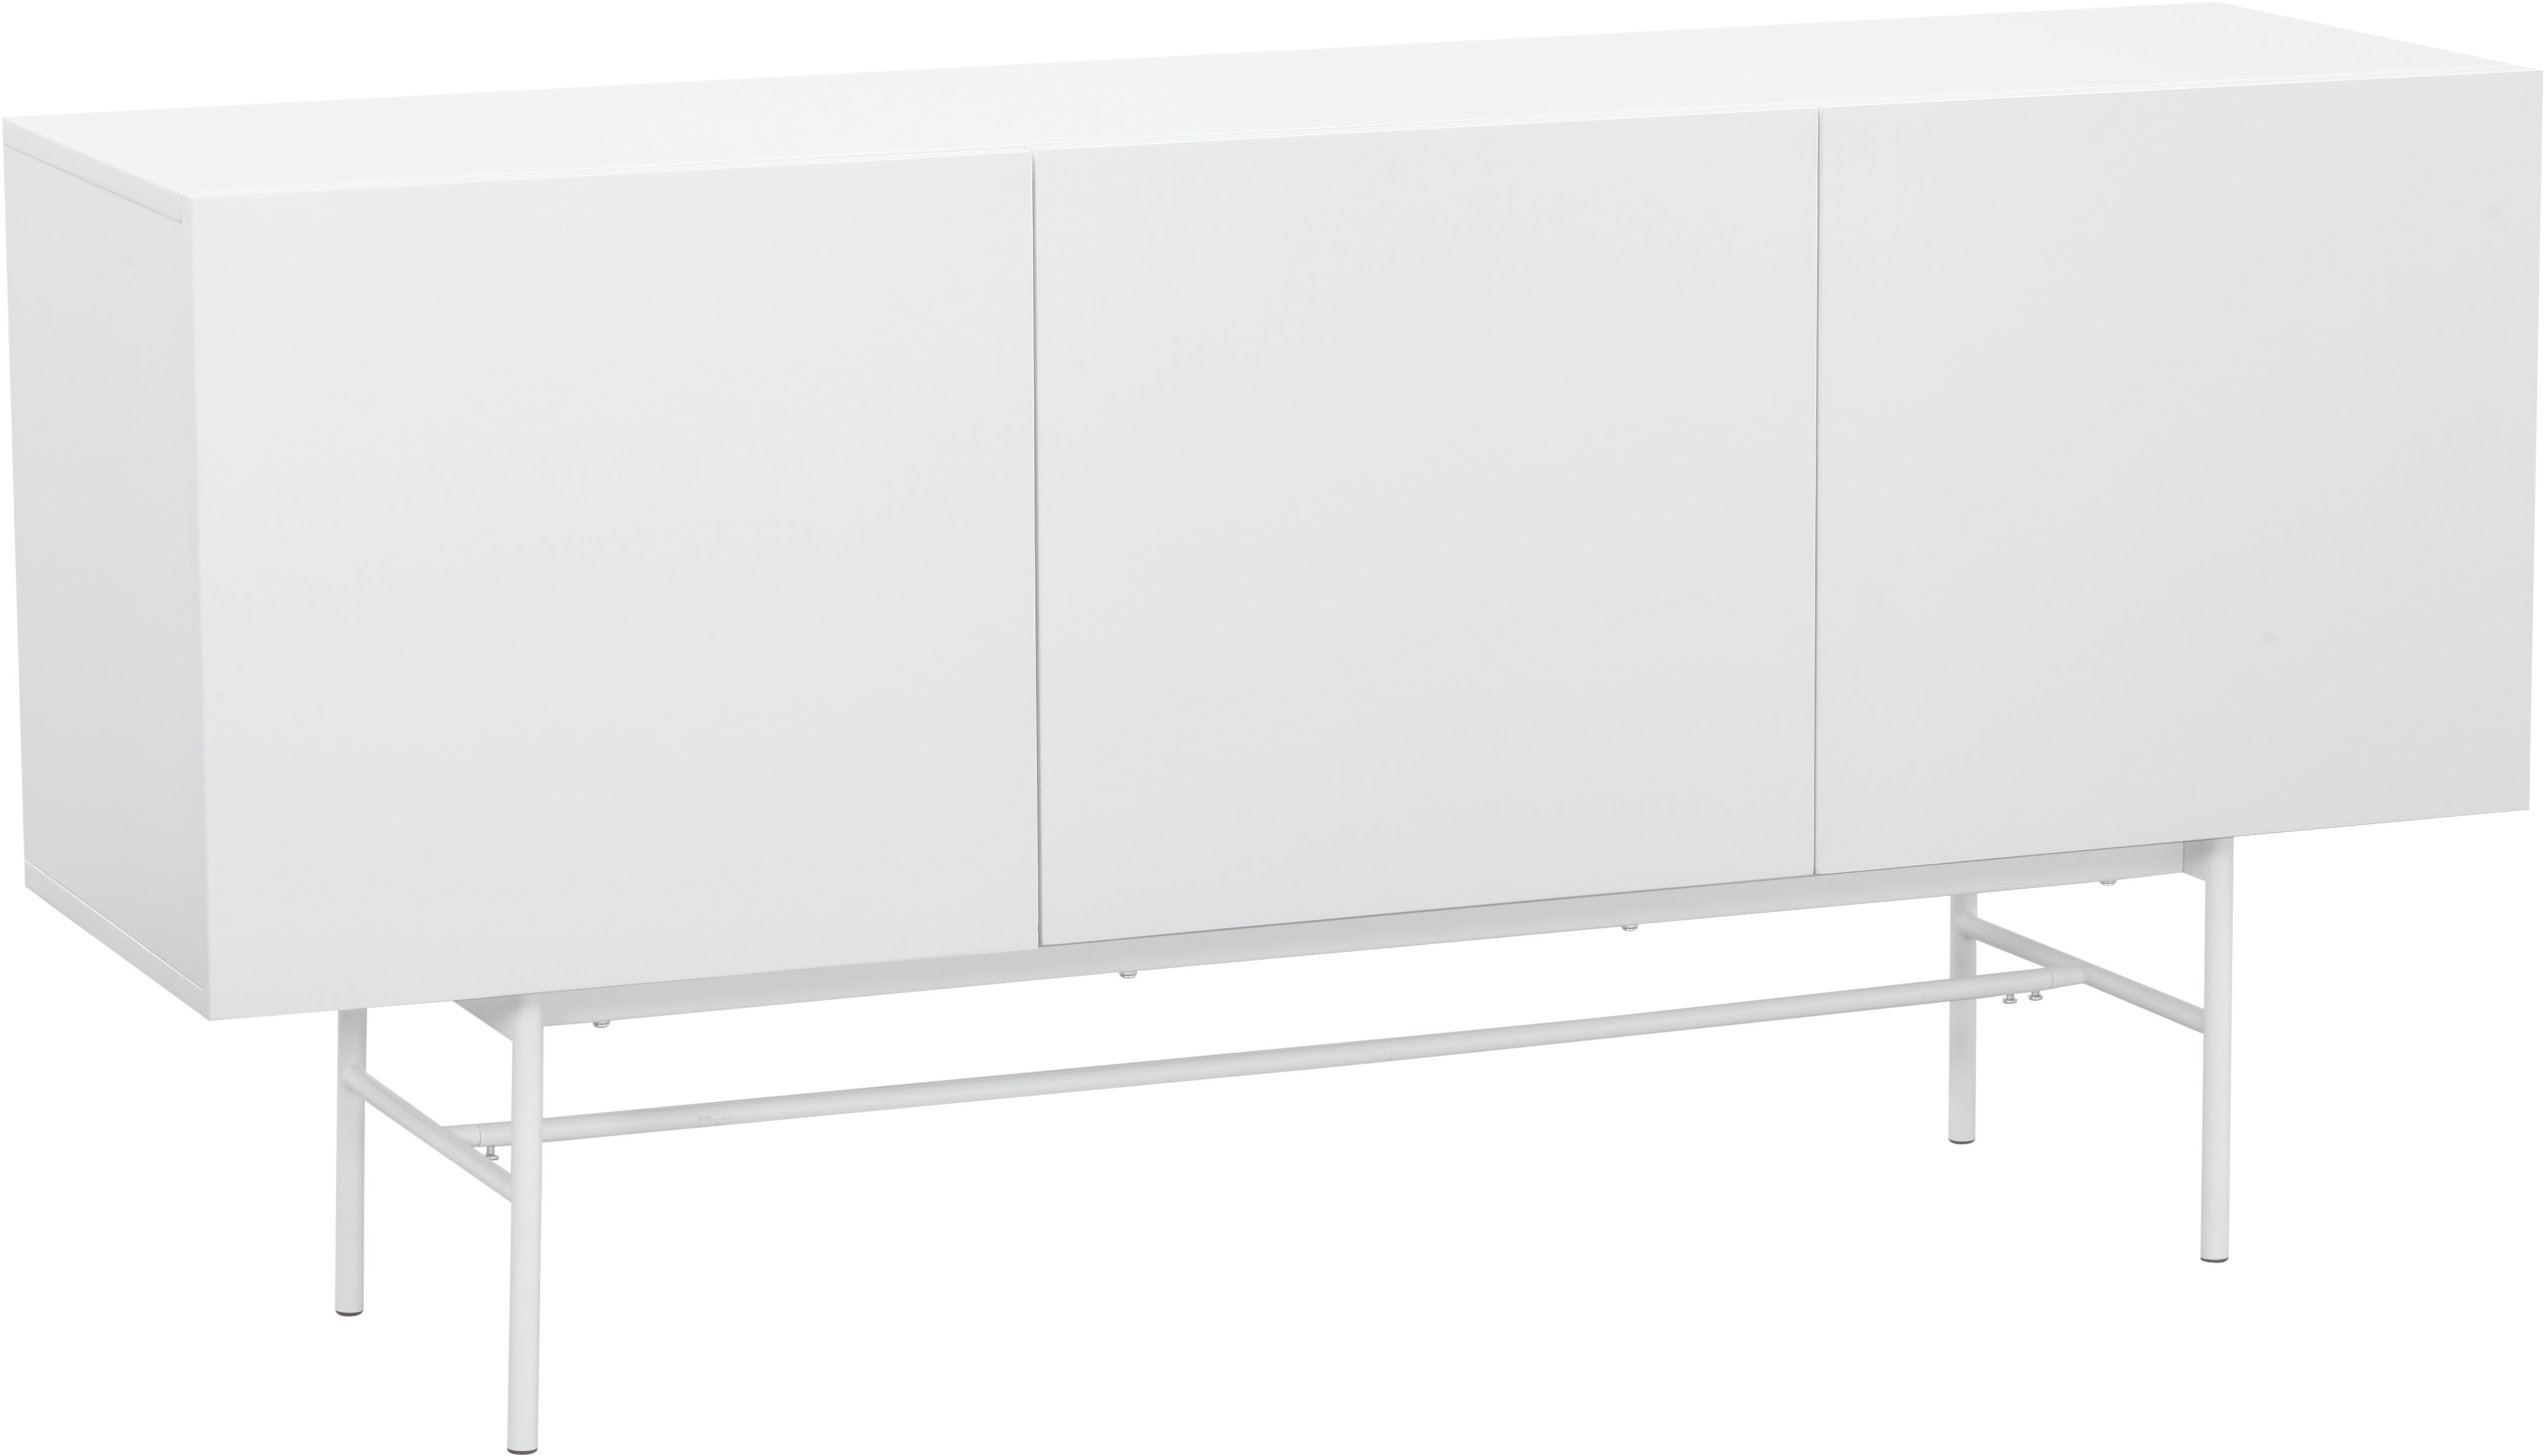 Modernes Sideboard Anders, Korpus: Mitteldichte Holzfaserpla, Korpus: WeissFüsse: Weiss, matt, 160 x 80 cm